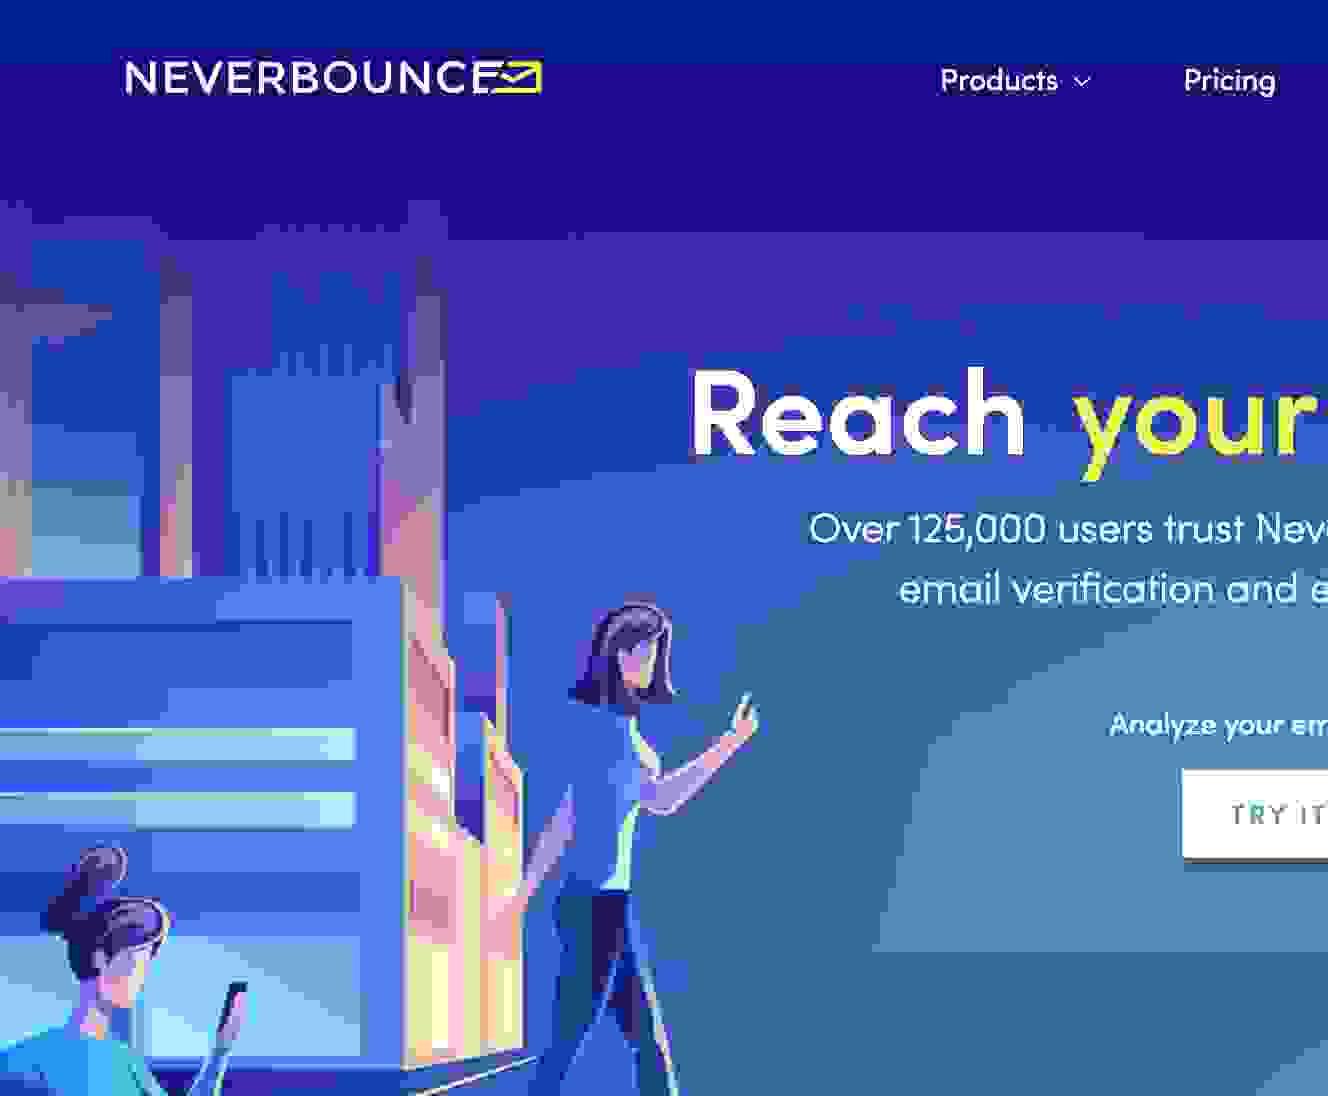 neverbounce screenshot